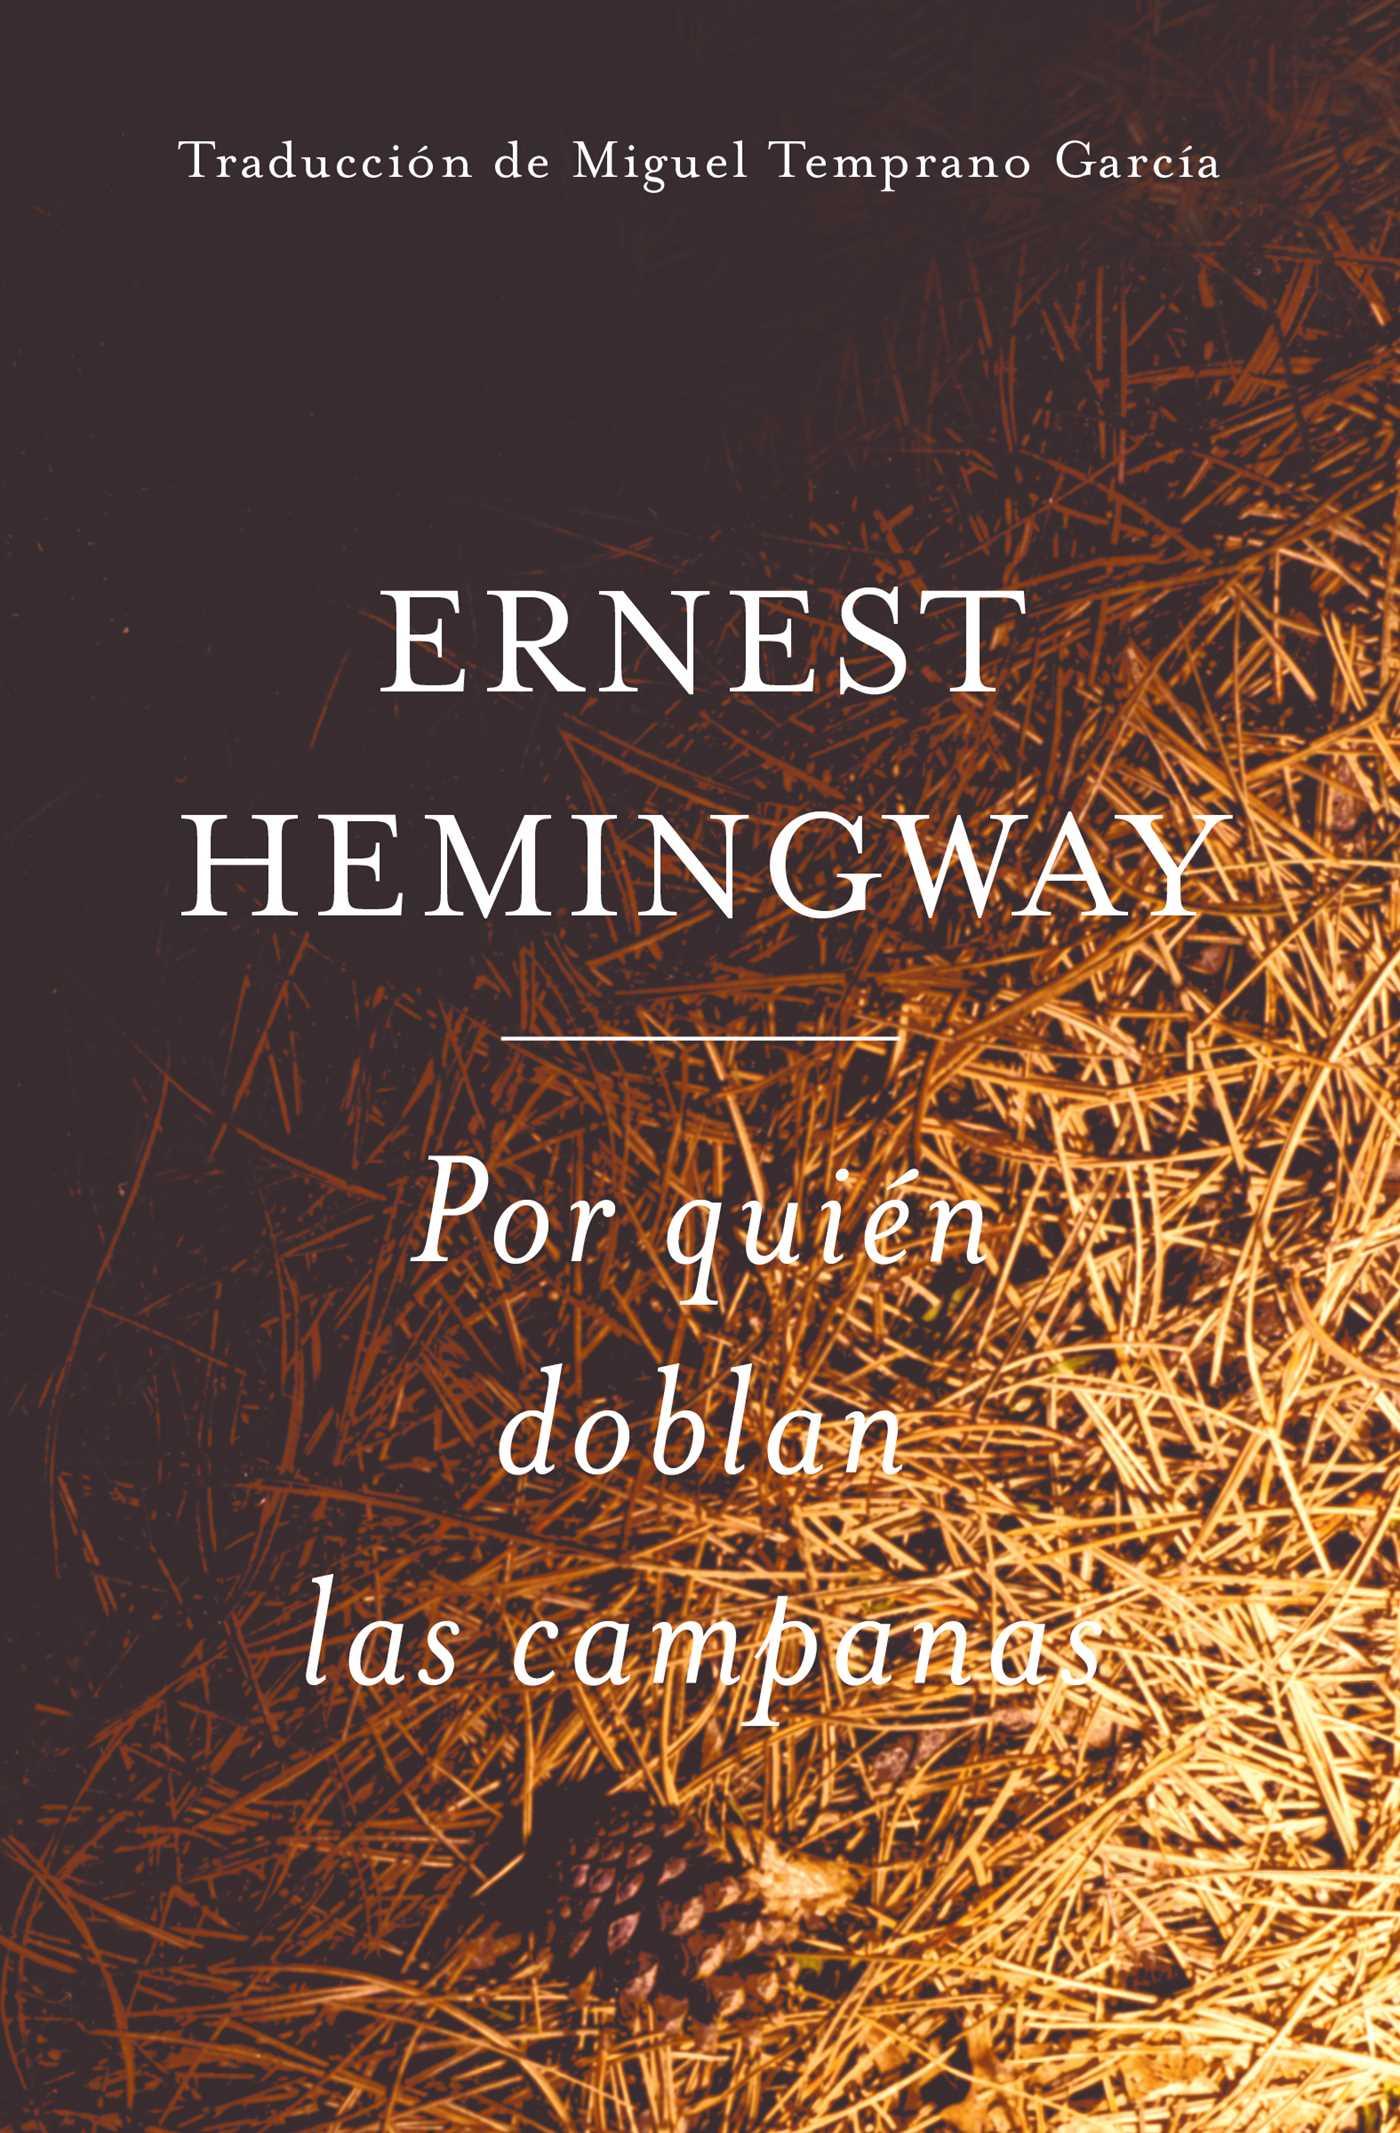 Por quien doblan las campanas spanish edition 9781982104665 hr